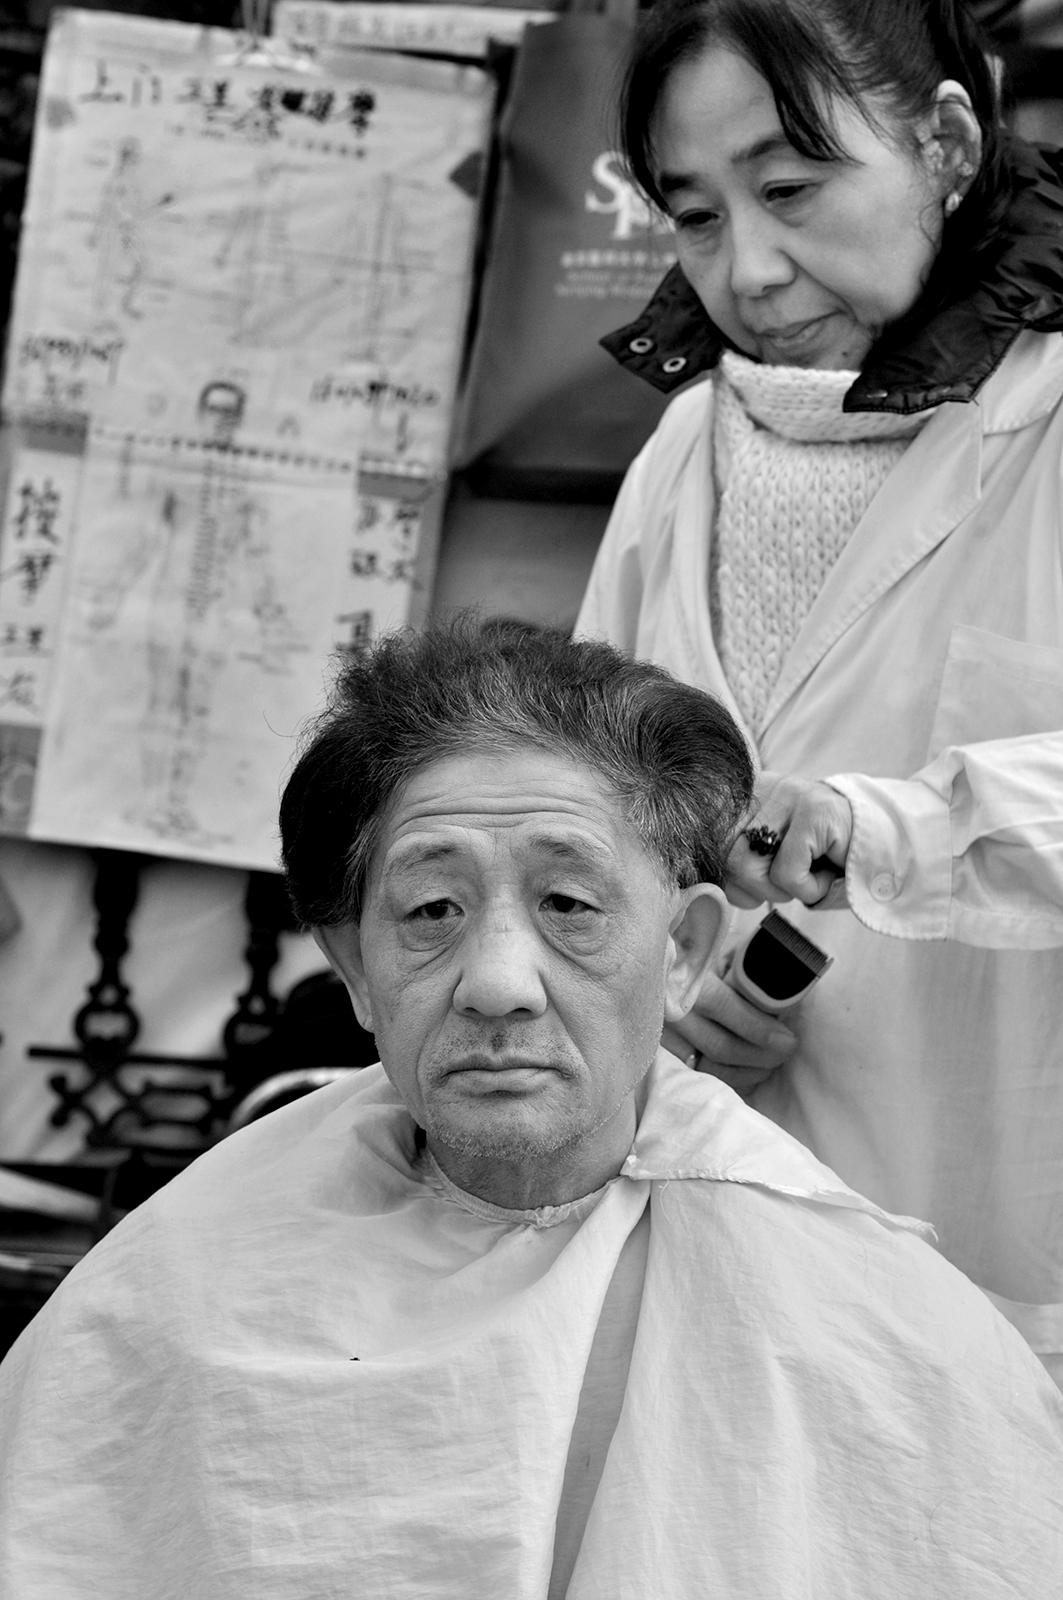 Outdoor haircut, Beijing